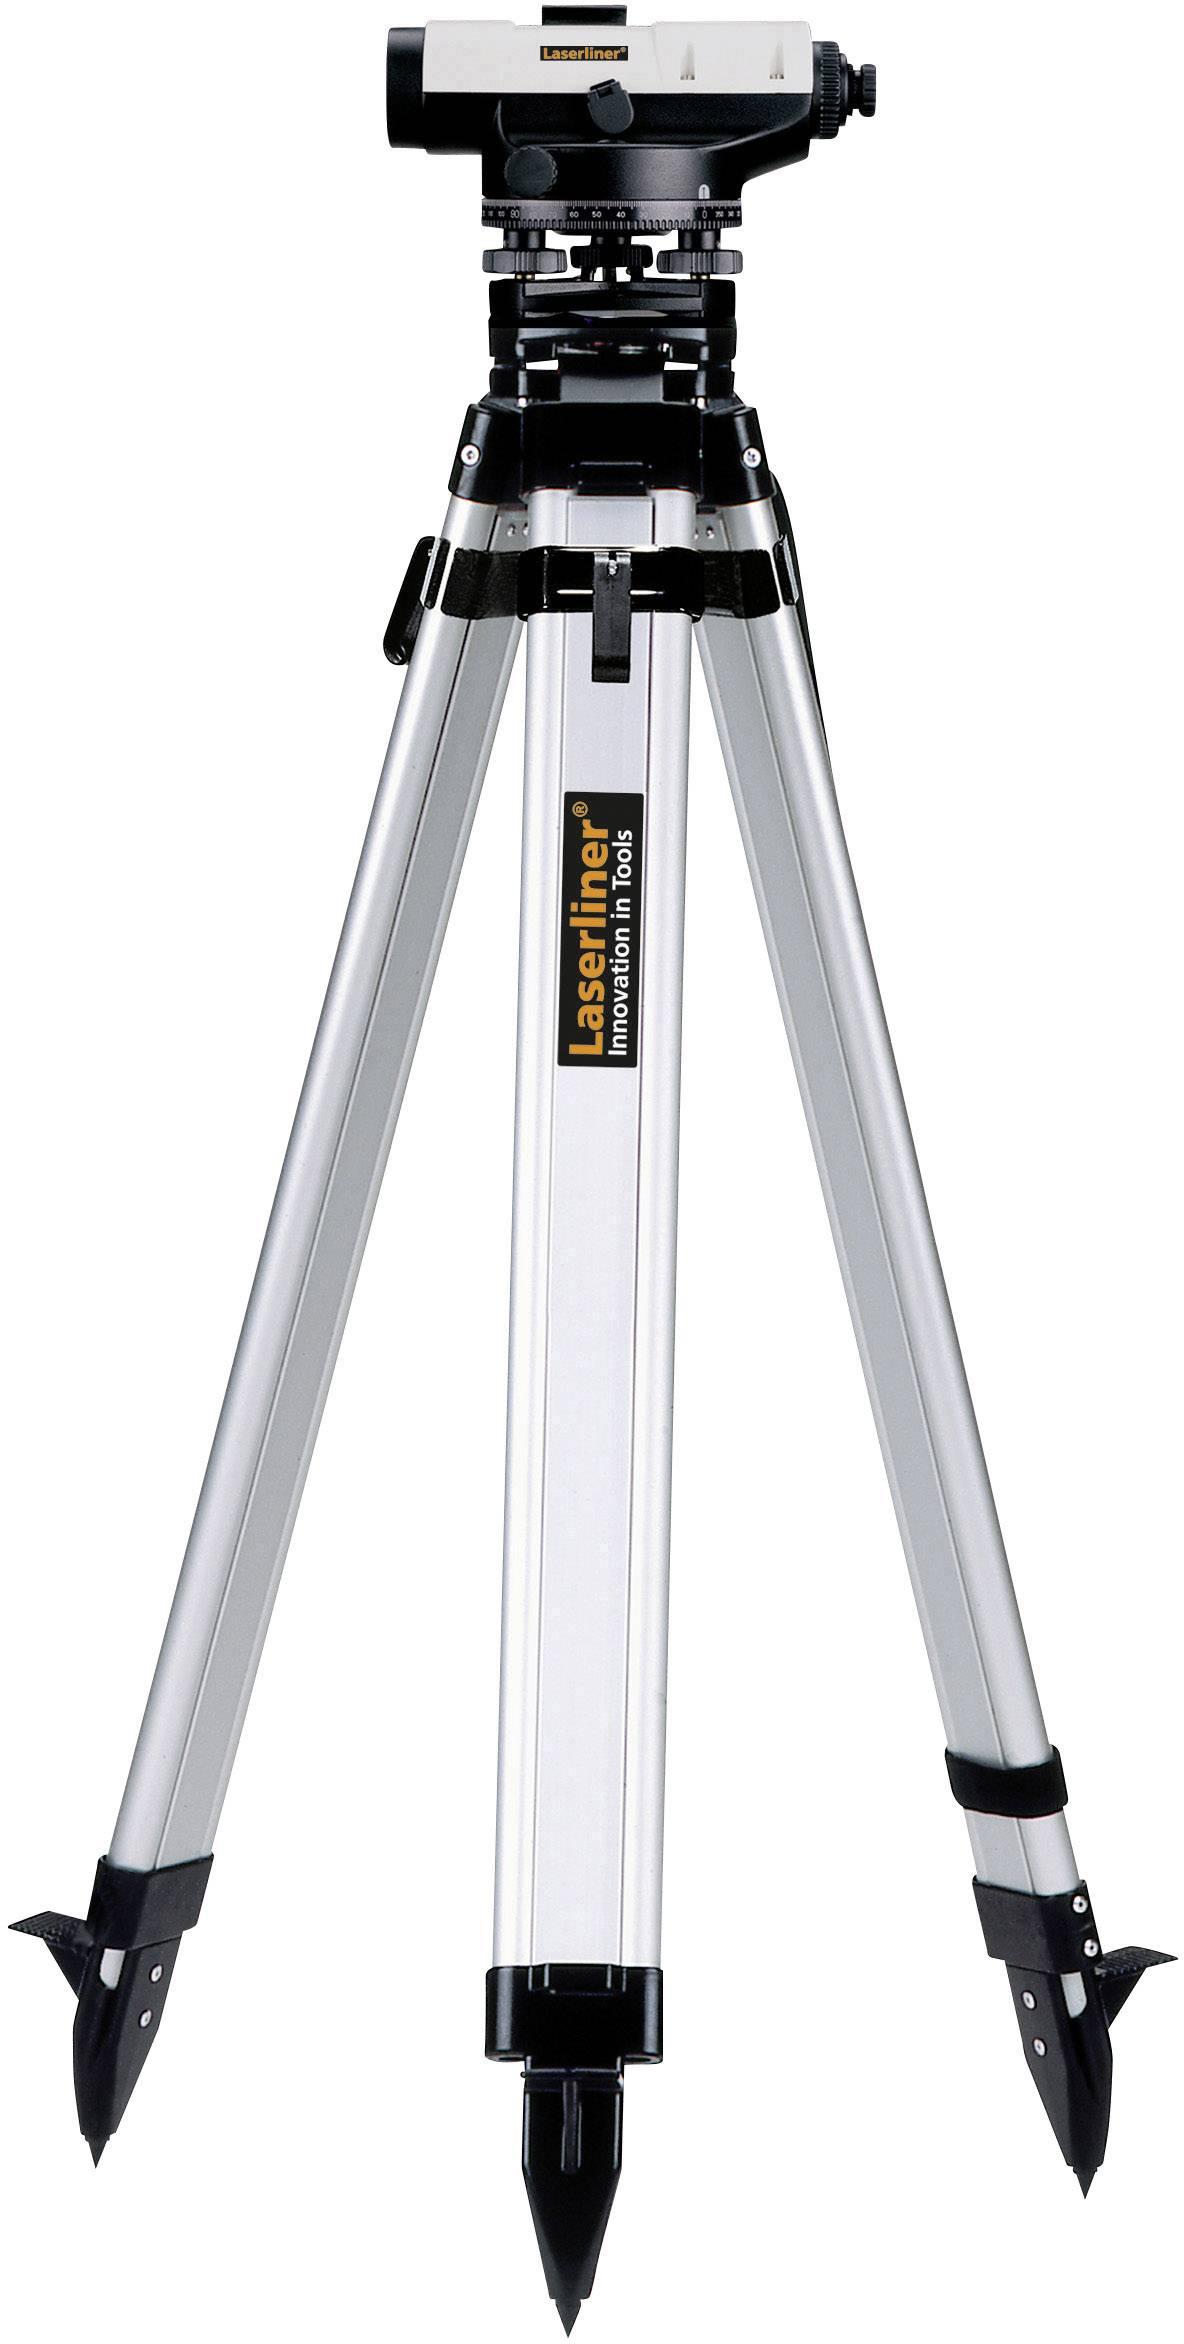 Optický nivelační přístroj vč. stativu, samonivelační Laserliner AL 22 Classic-Set, optické zvětšení 22 x, Kalibrováno dle: vlastní